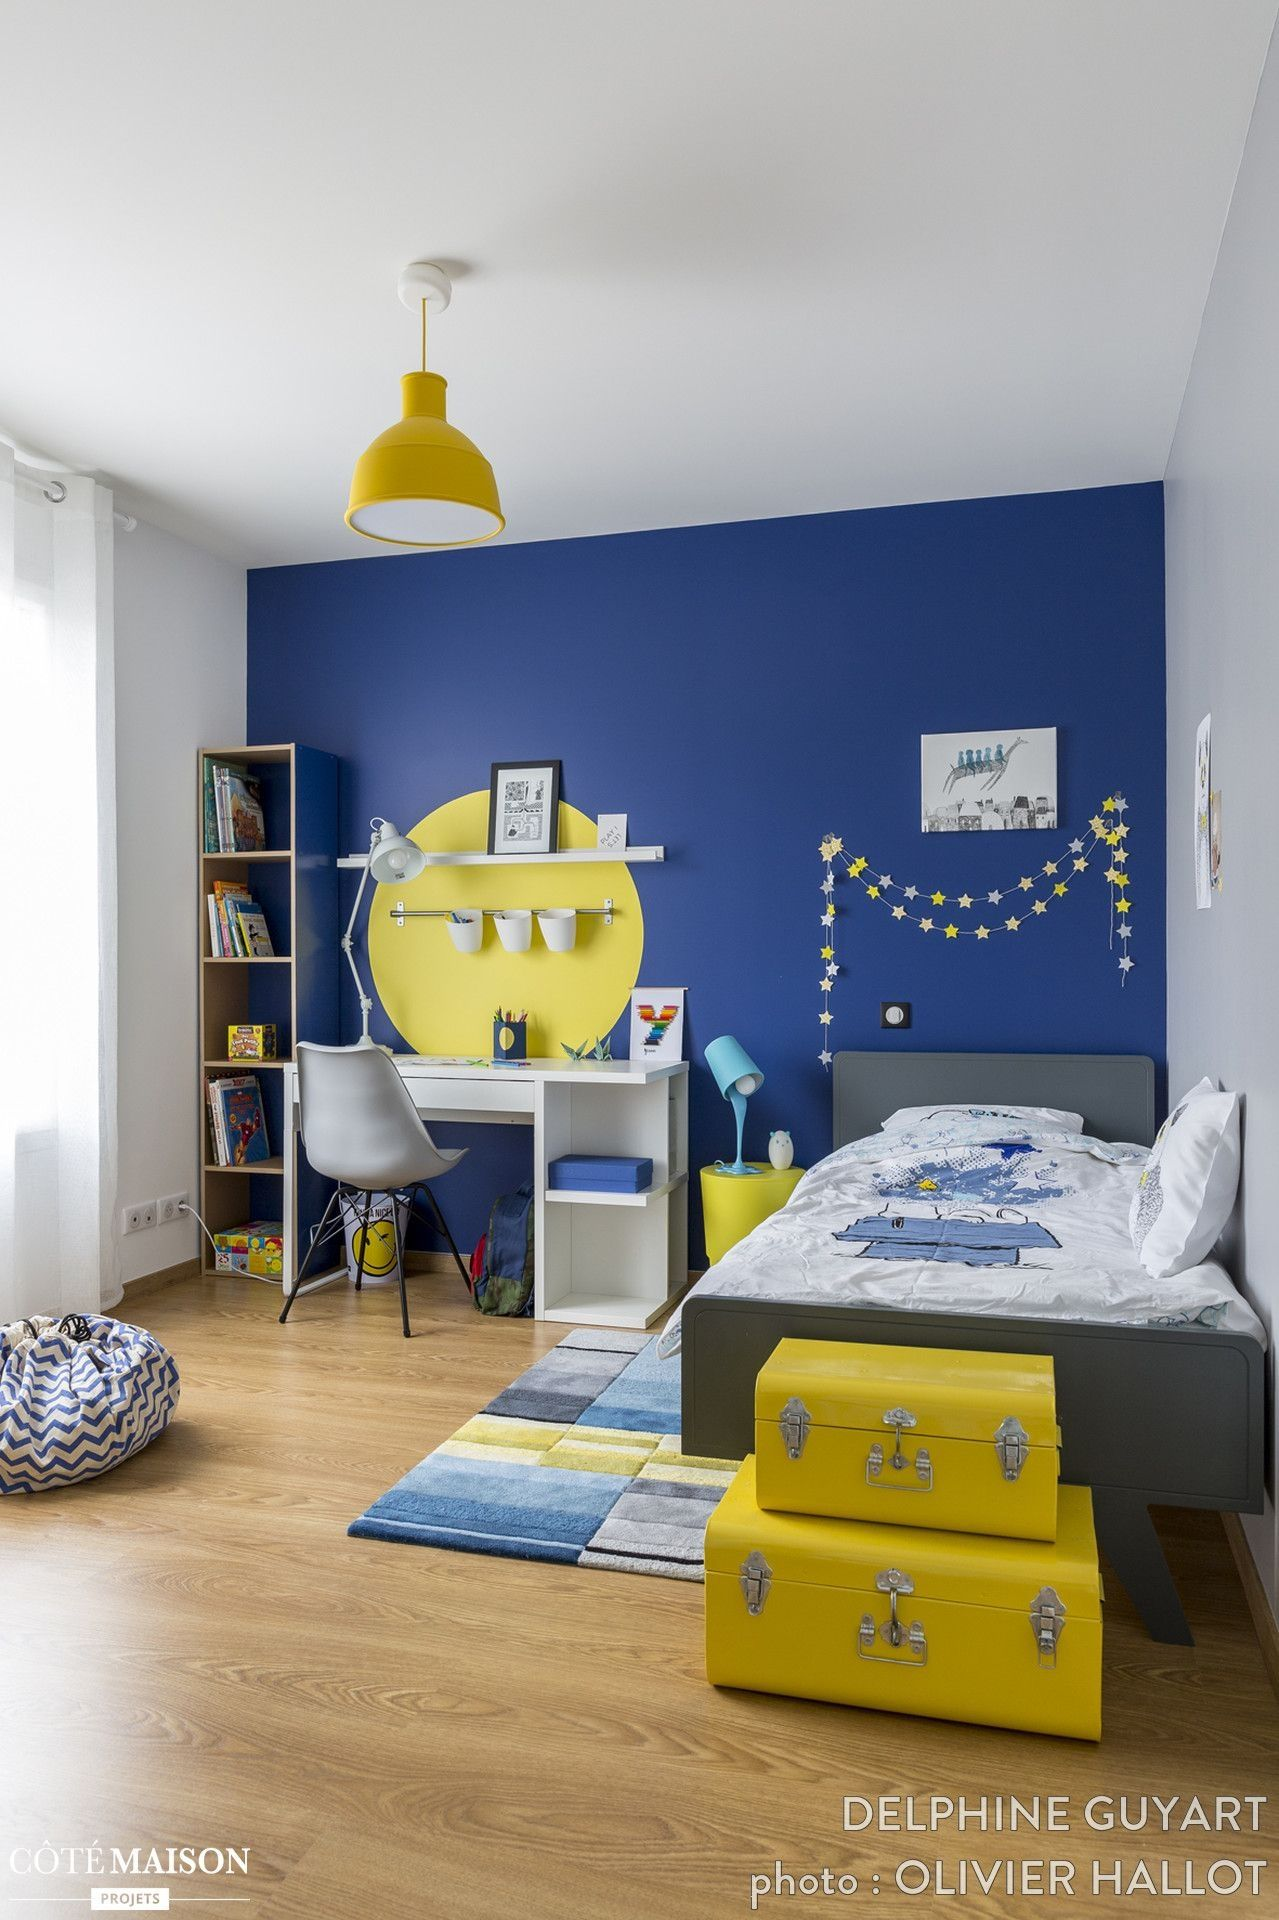 77 Deco Chambre Fille 8 Ans Chambre Enfant Decoration Chambre